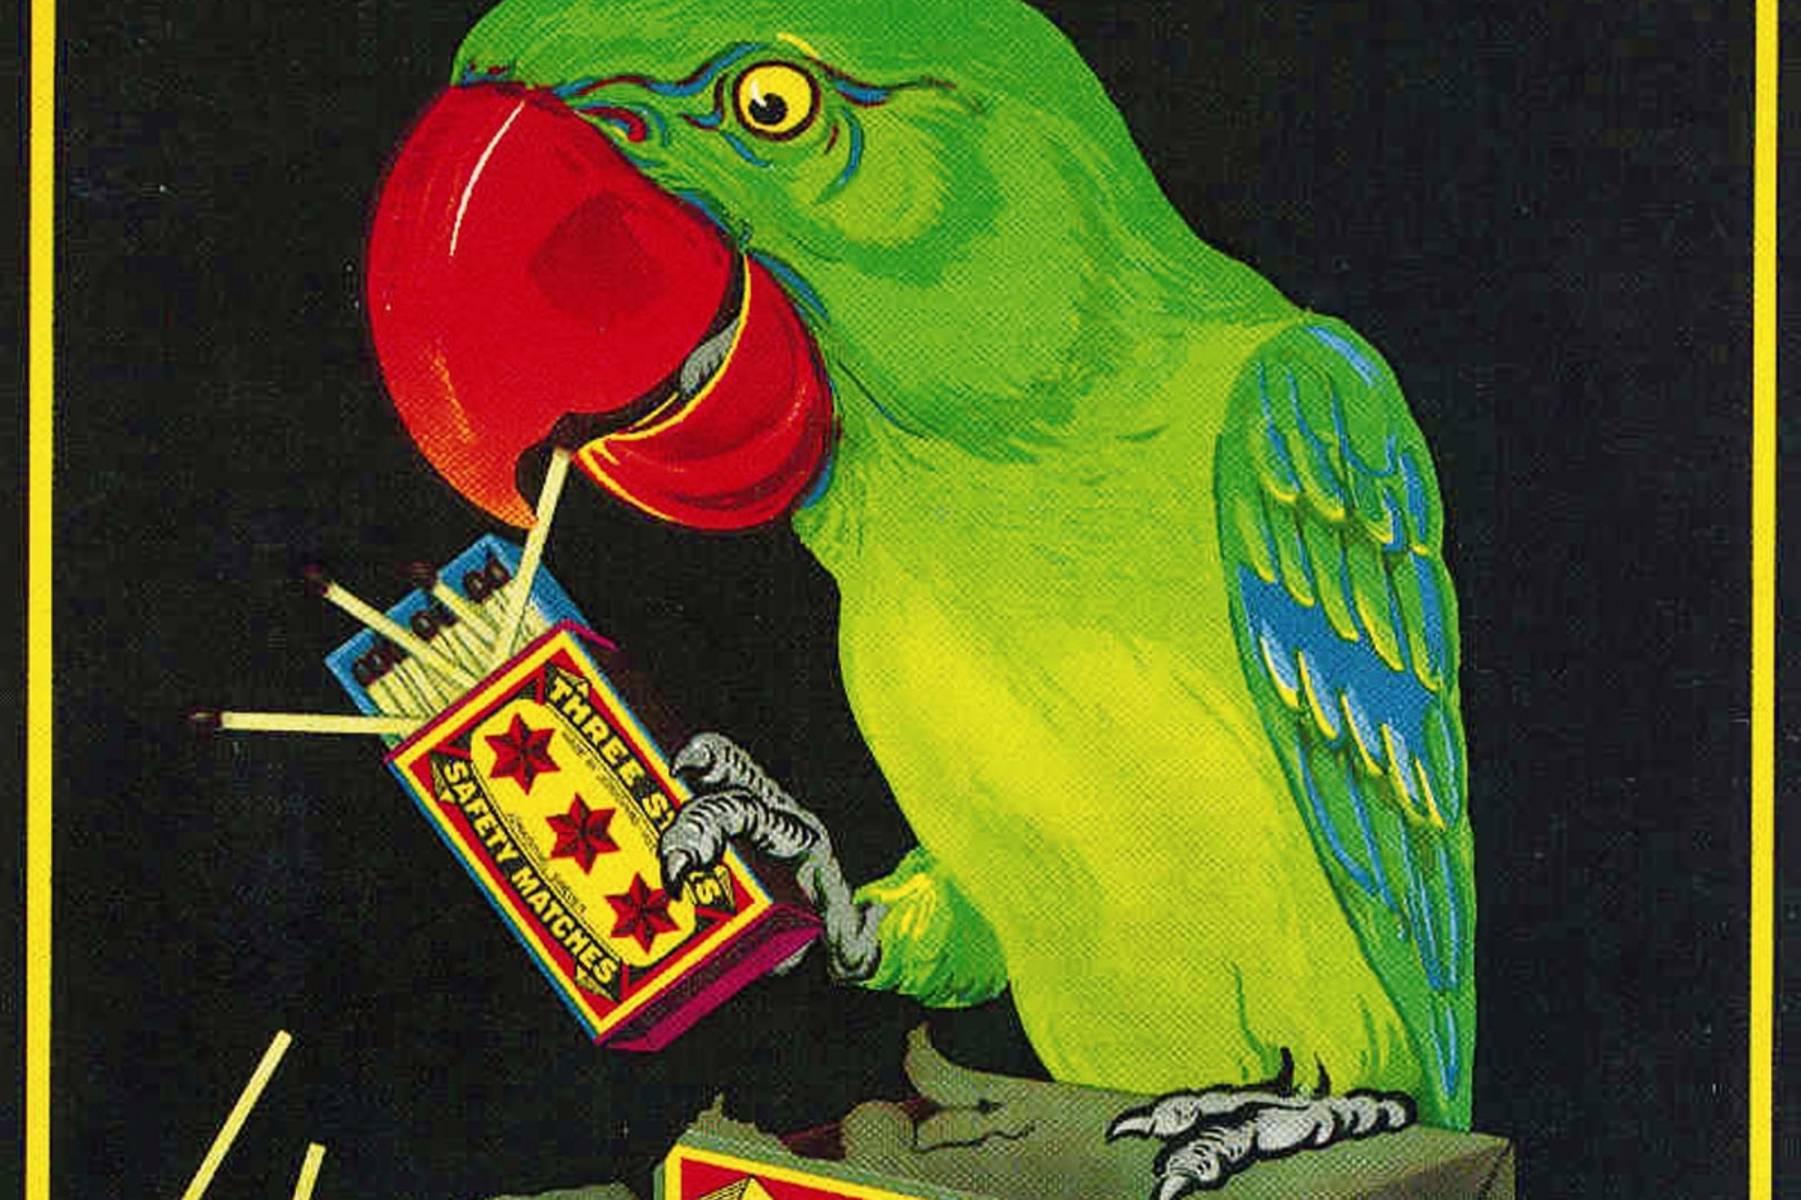 Safty Matches aus Schweden - Das Streichholzmuseum erzählt die ganze Geschichte